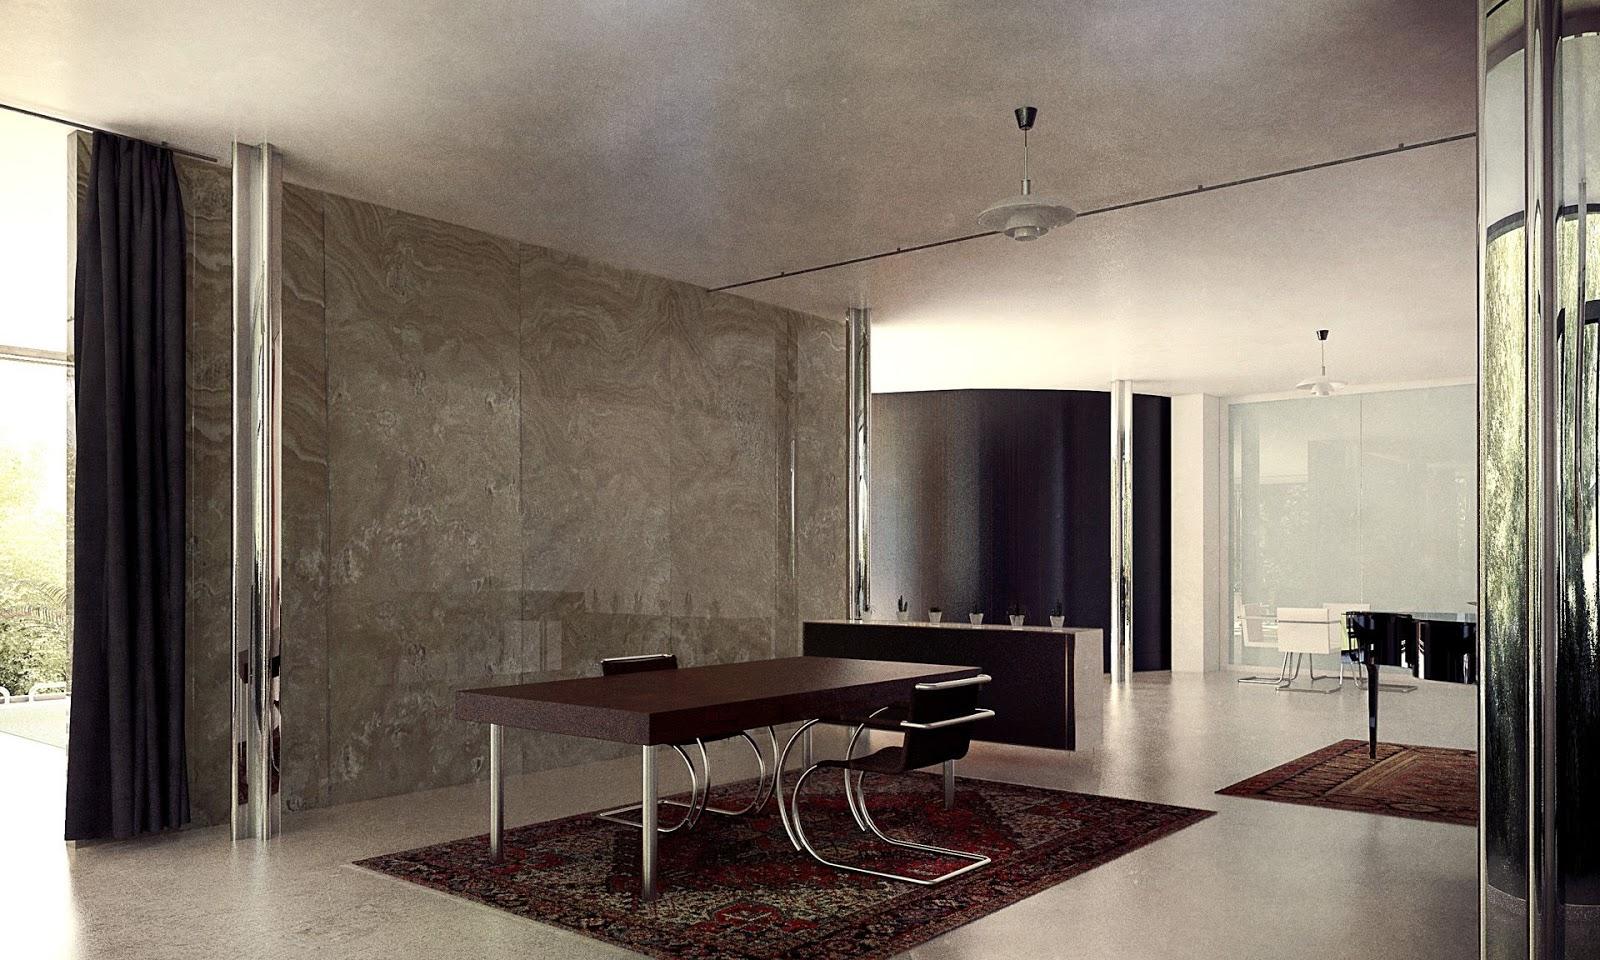 mies van der rohe a f a s i a. Black Bedroom Furniture Sets. Home Design Ideas